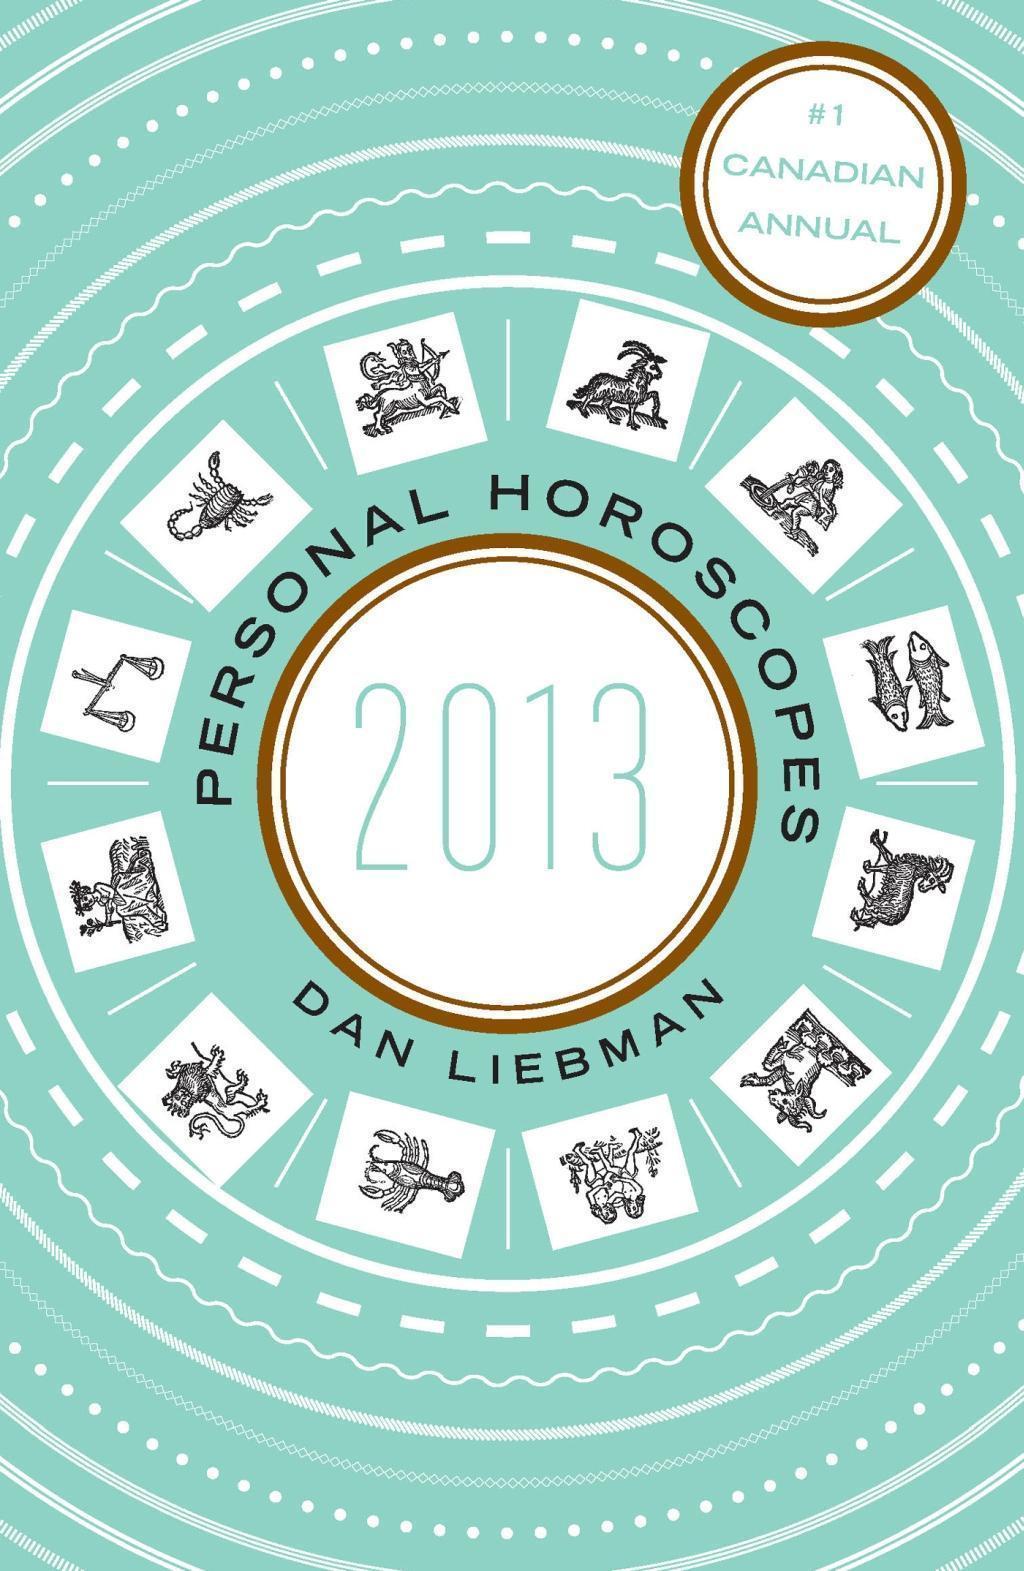 Personal Horoscopes 2013